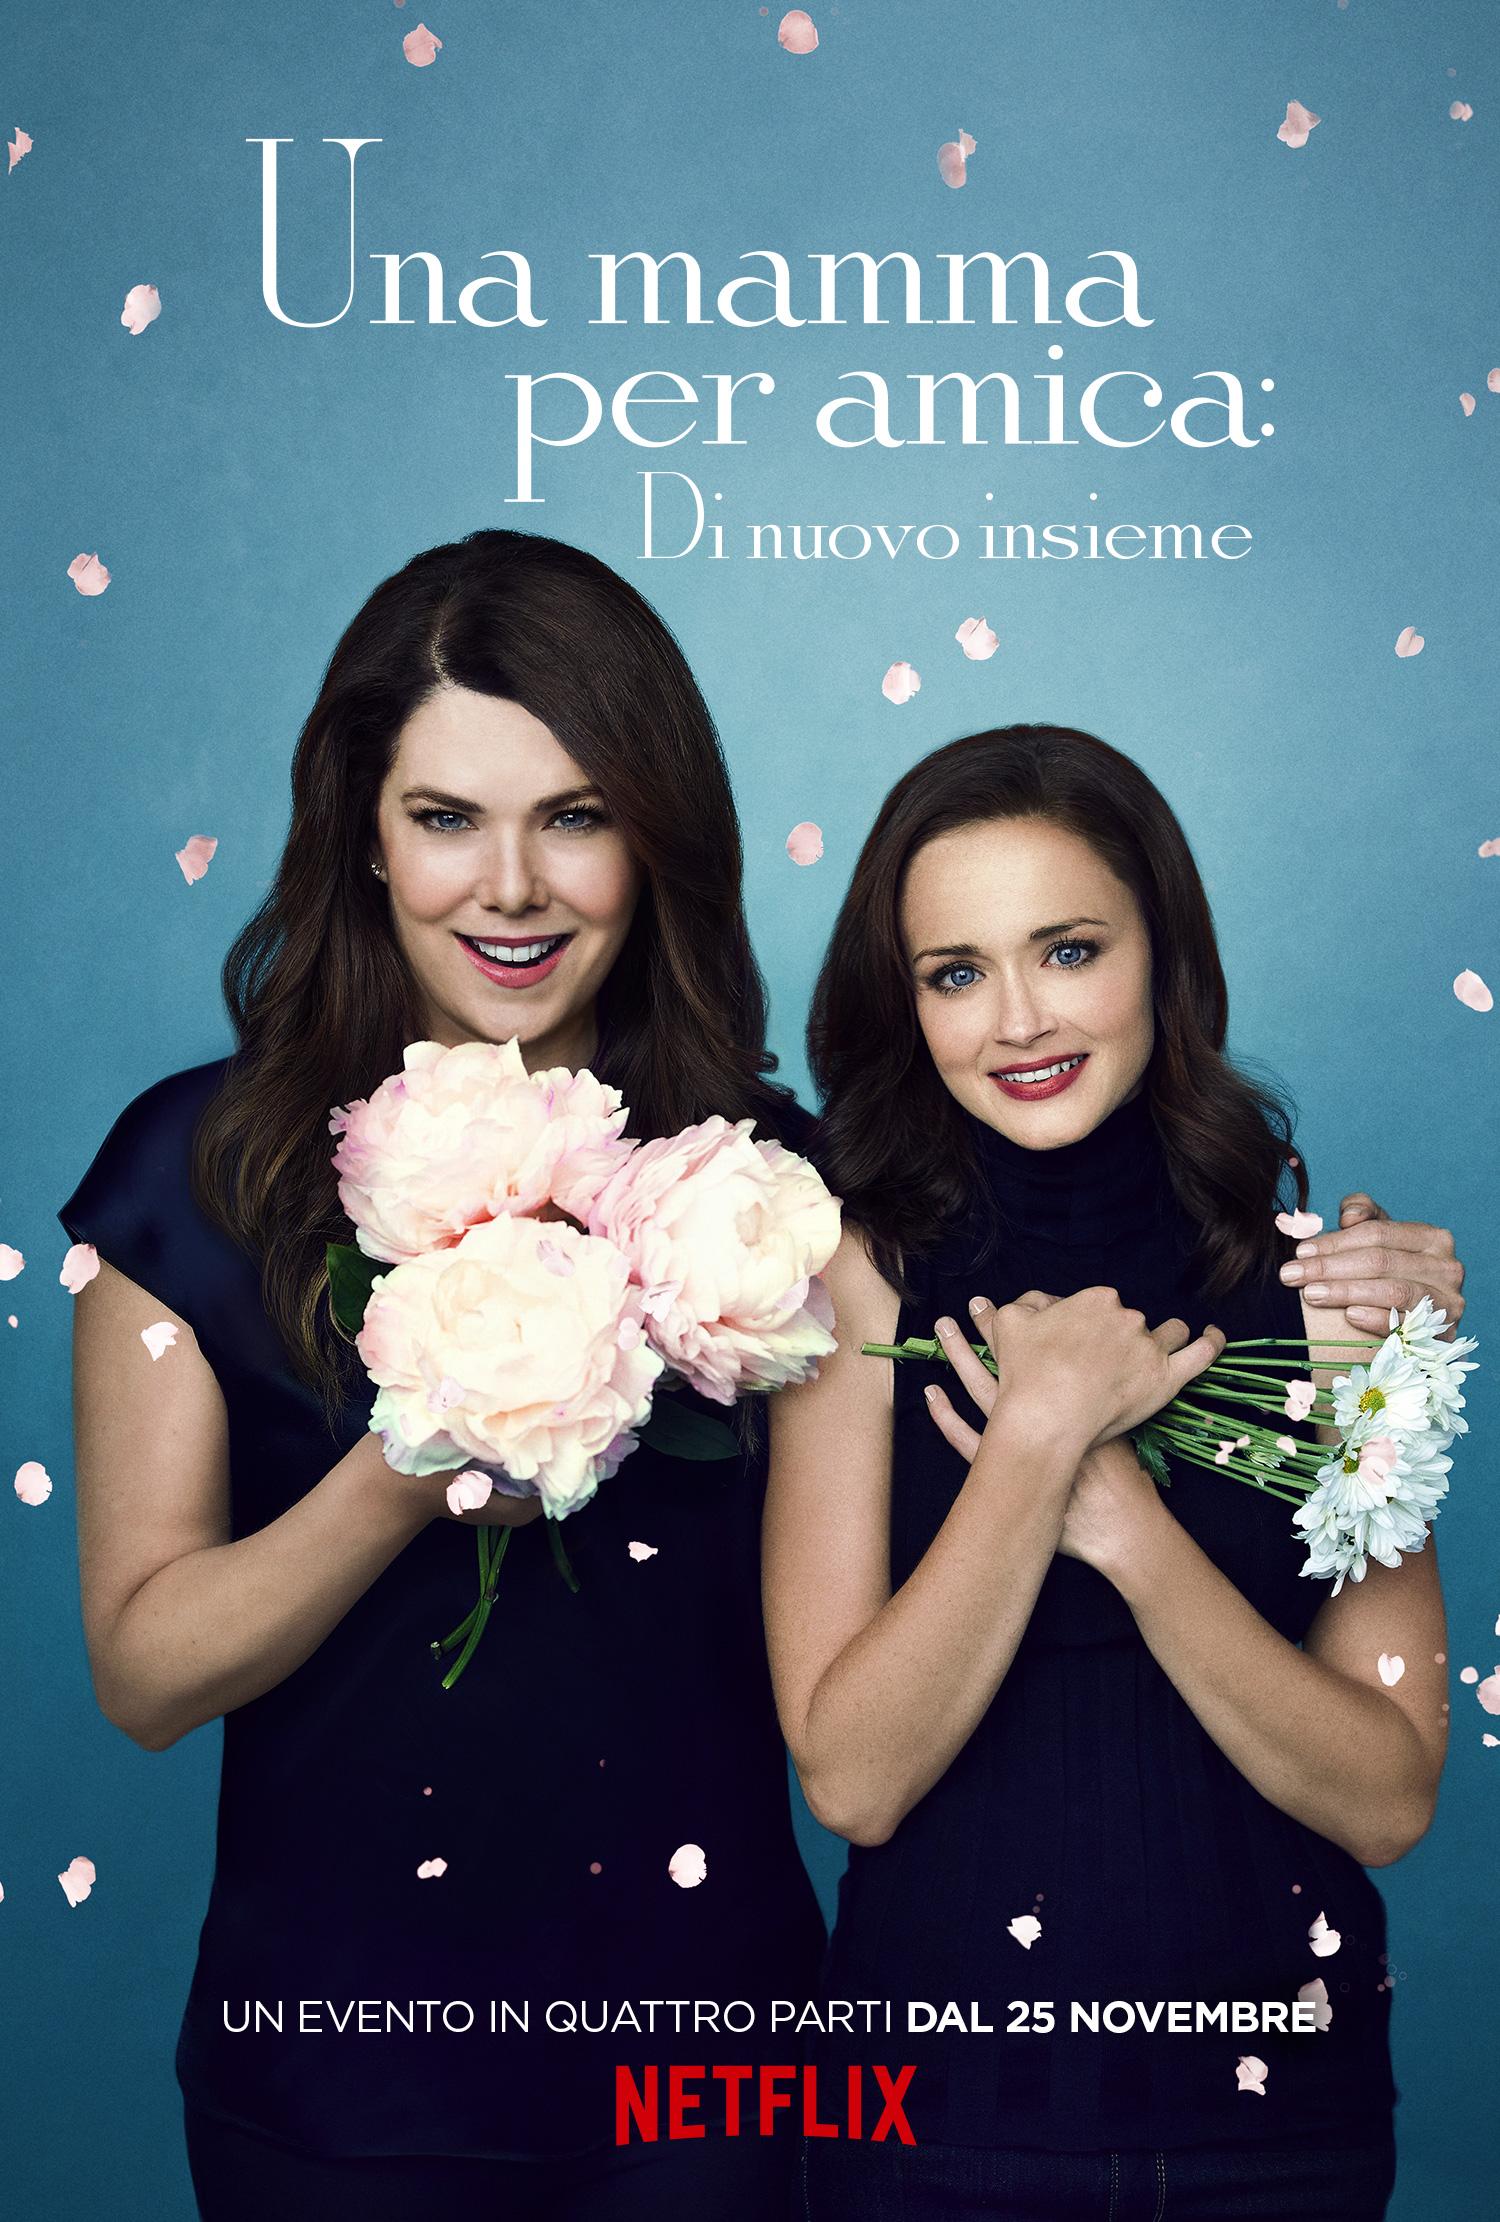 Una mamma per amica: di nuovo insieme - Poster della primavera